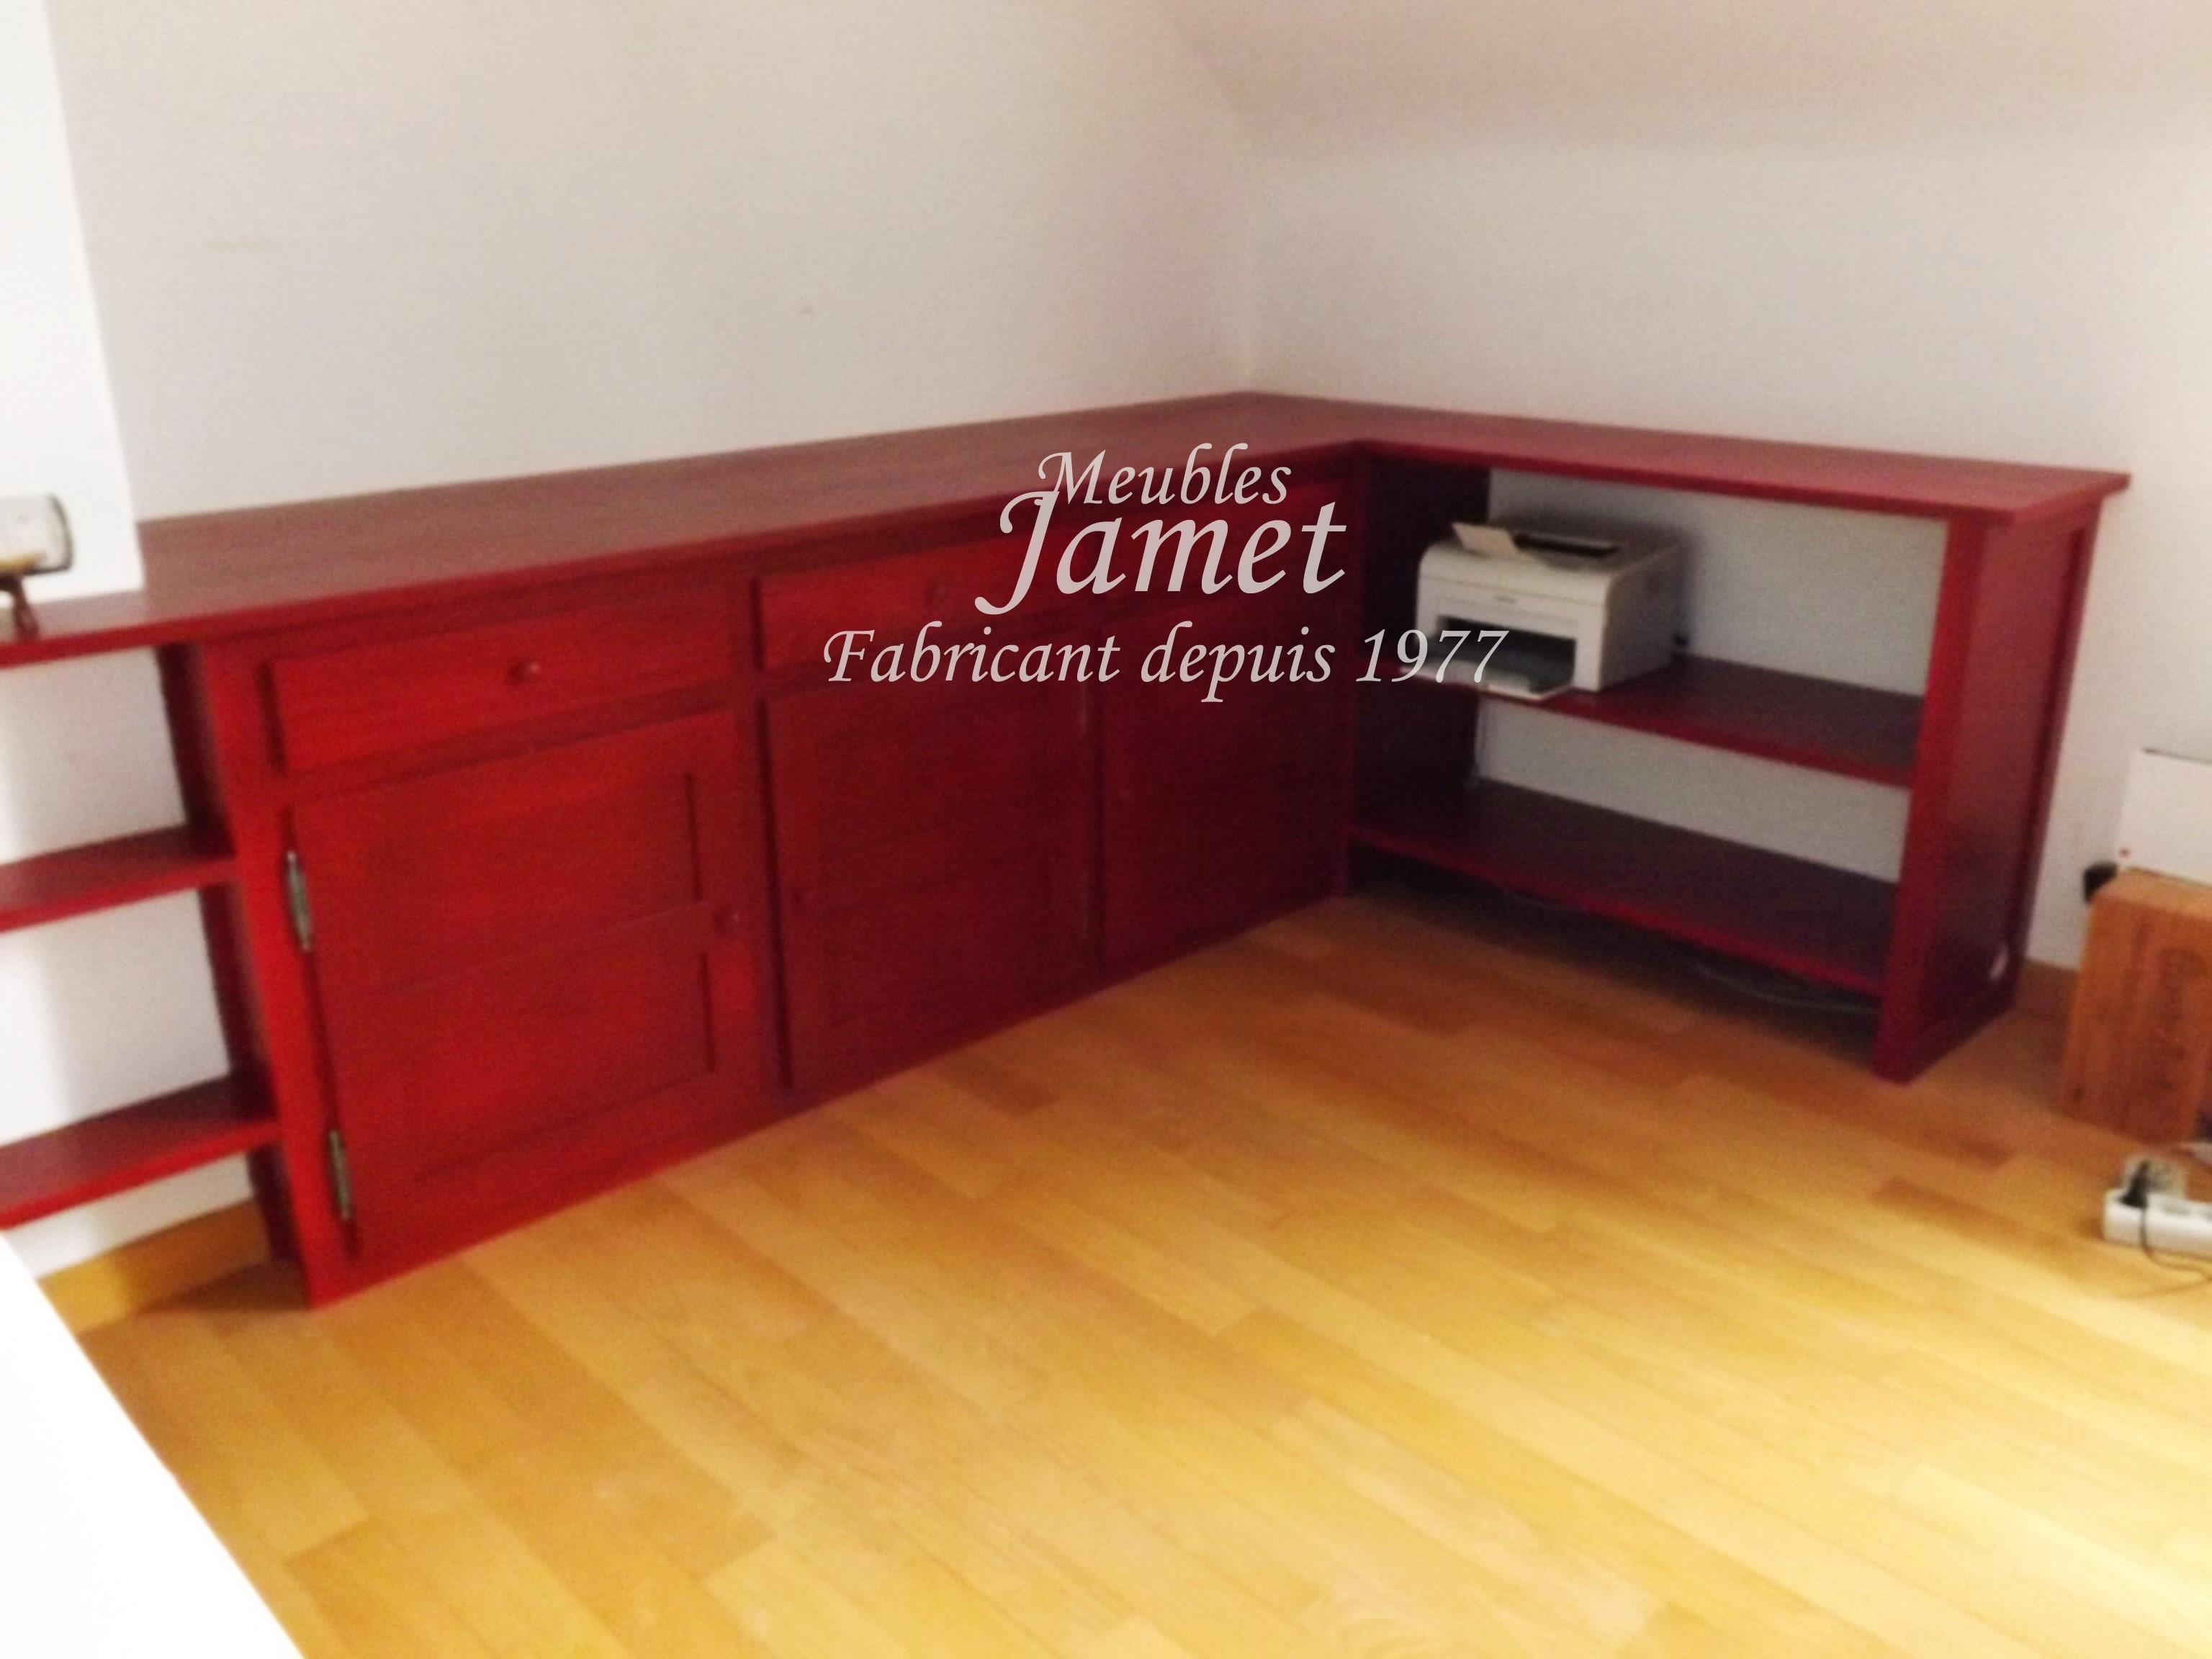 Agencement de bureau en bois rouge meubles jamet